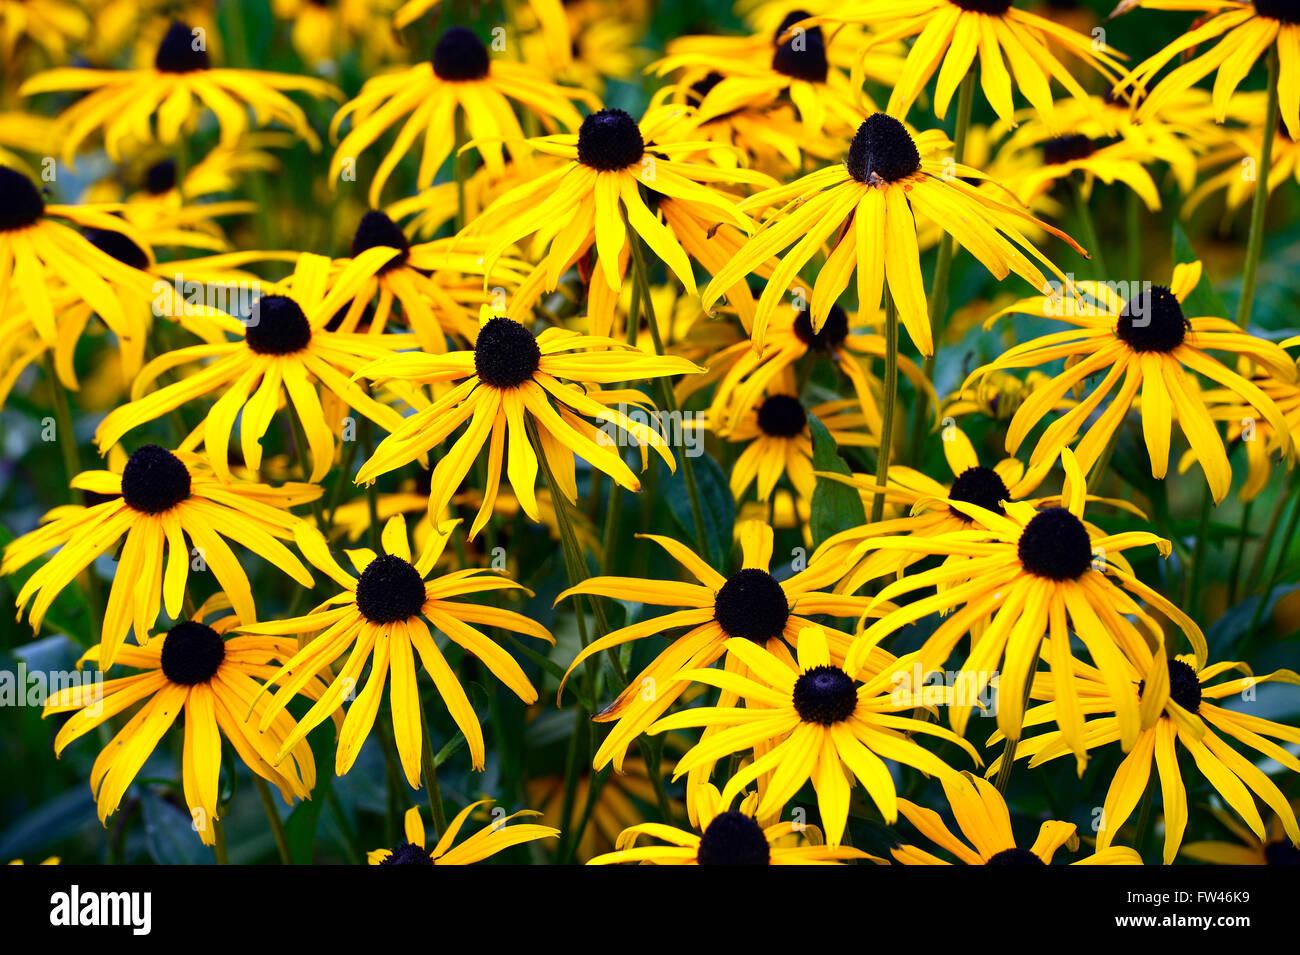 Gewoehnlicher Sonnenhut (Rudbeckia fulgida) - Stock Image